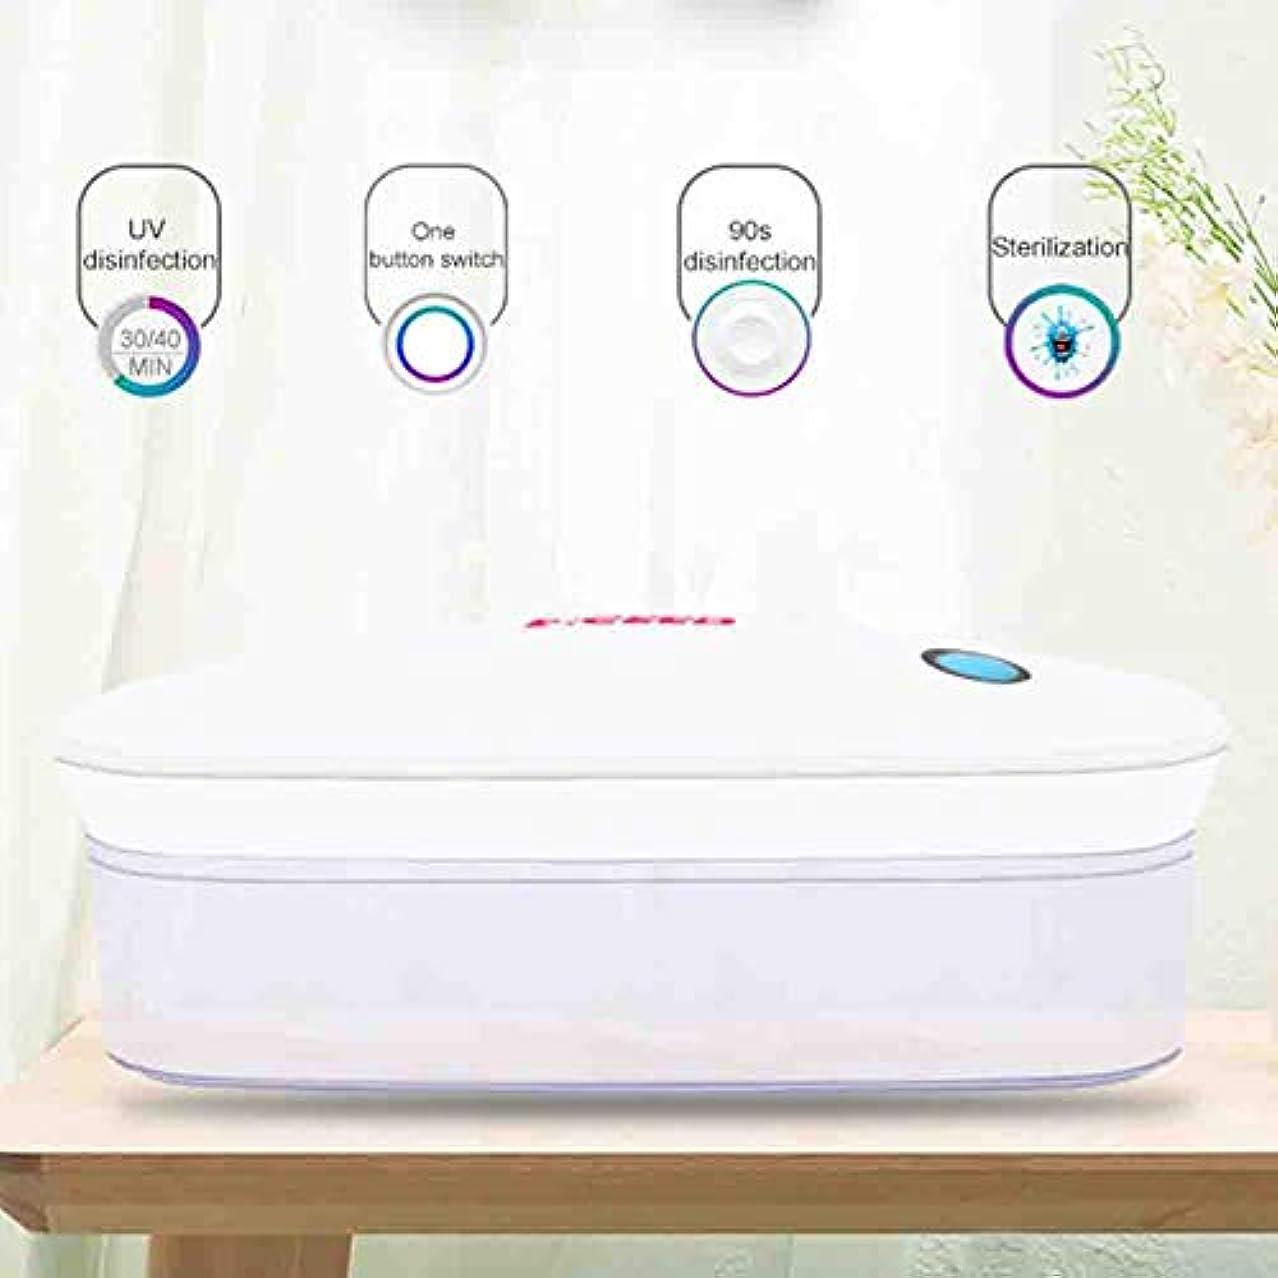 保護苦難強化光波オゾン滅菌器ポータブル多機能タトゥーツール消毒ボックスUSB充電